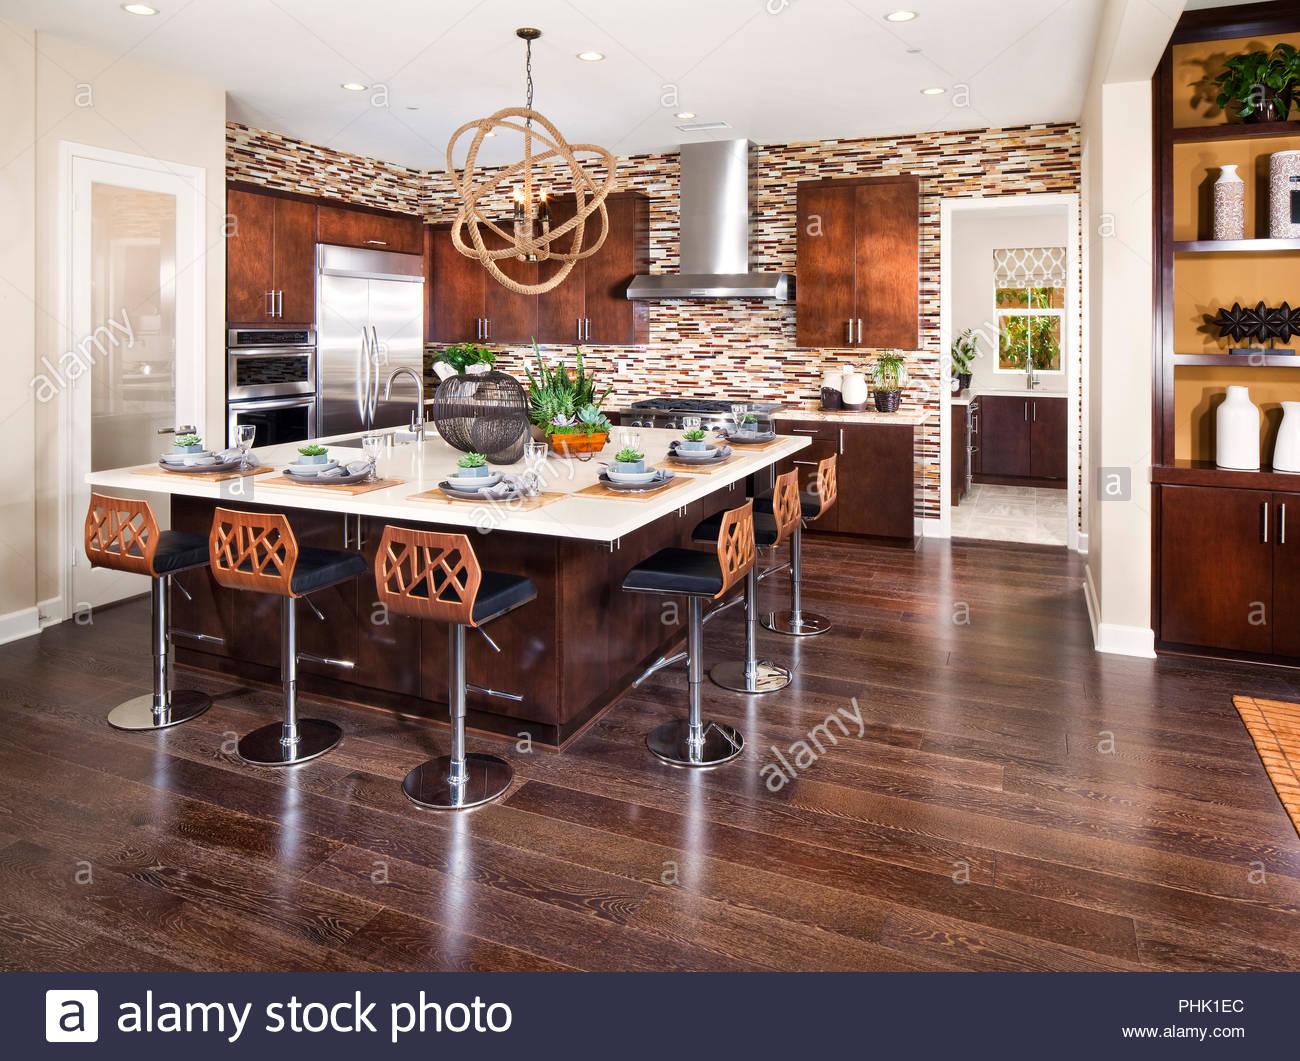 Inselküche Stockbild